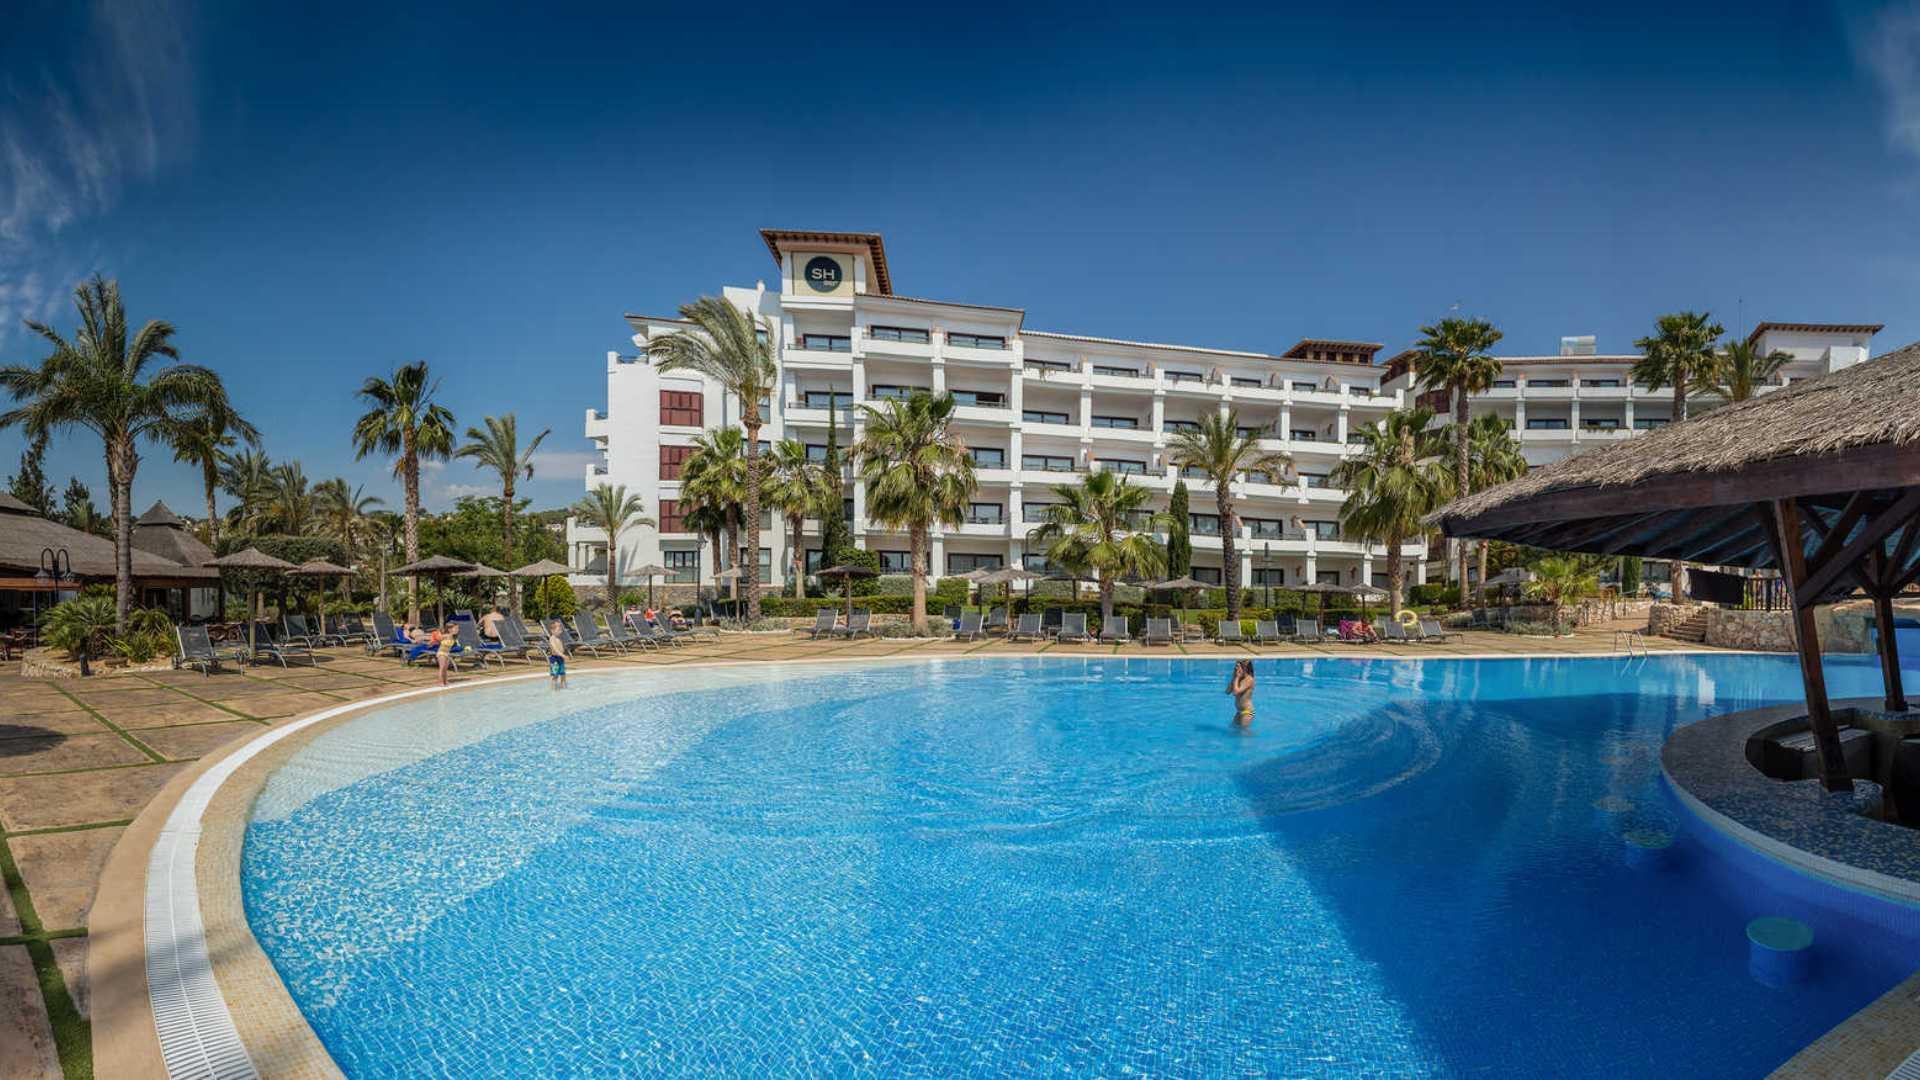 sh villa gadea beach hotel en altea